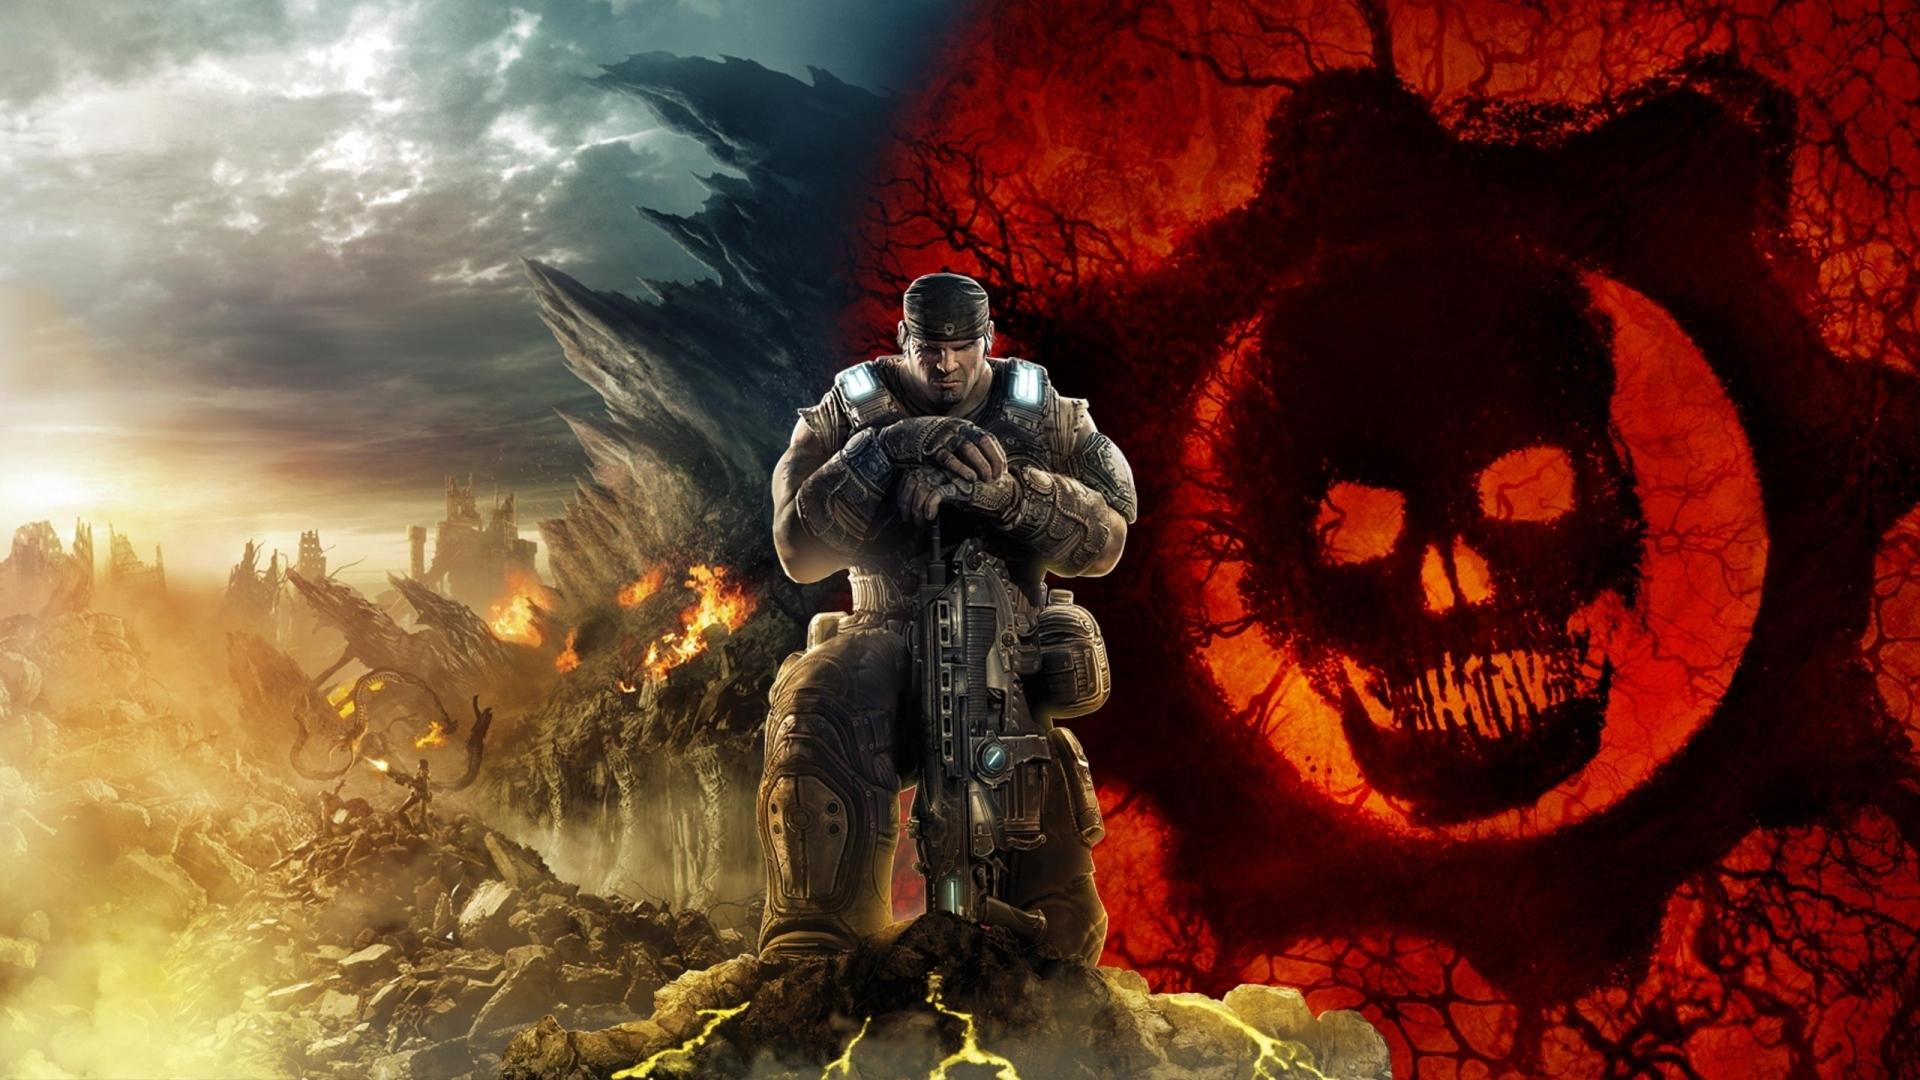 download wallpaper 1920x1080 gears of war, skull, soldier, sky